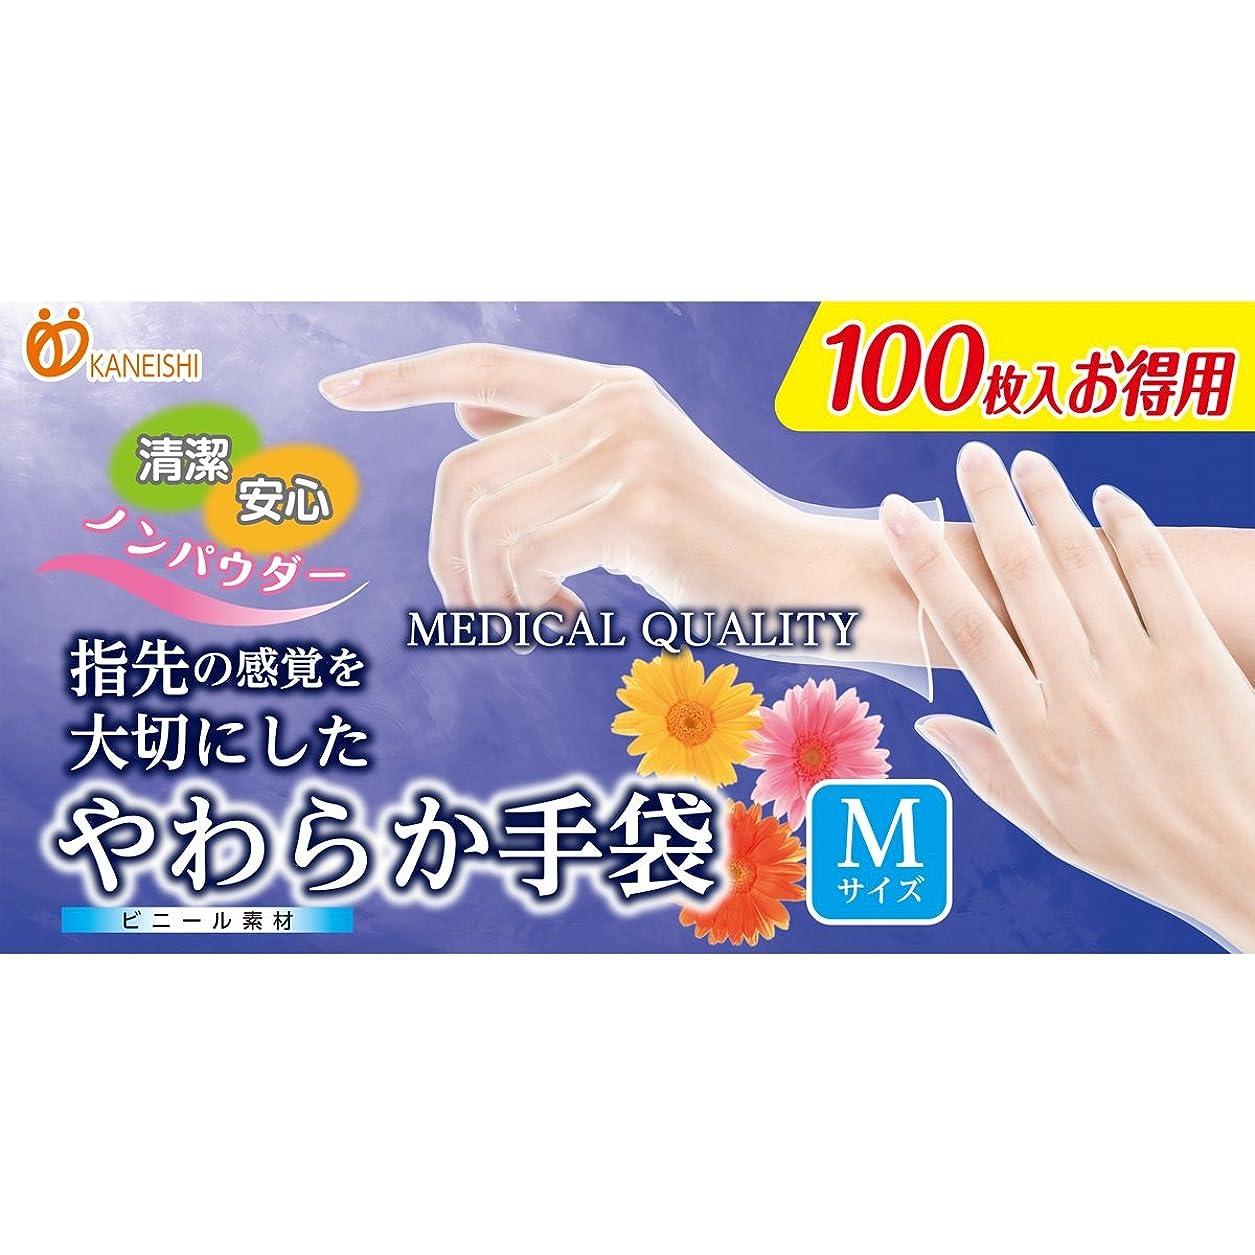 ジェームズダイソン酸度以来やわらか手袋 ビニール素材 Mサイズ 100枚入